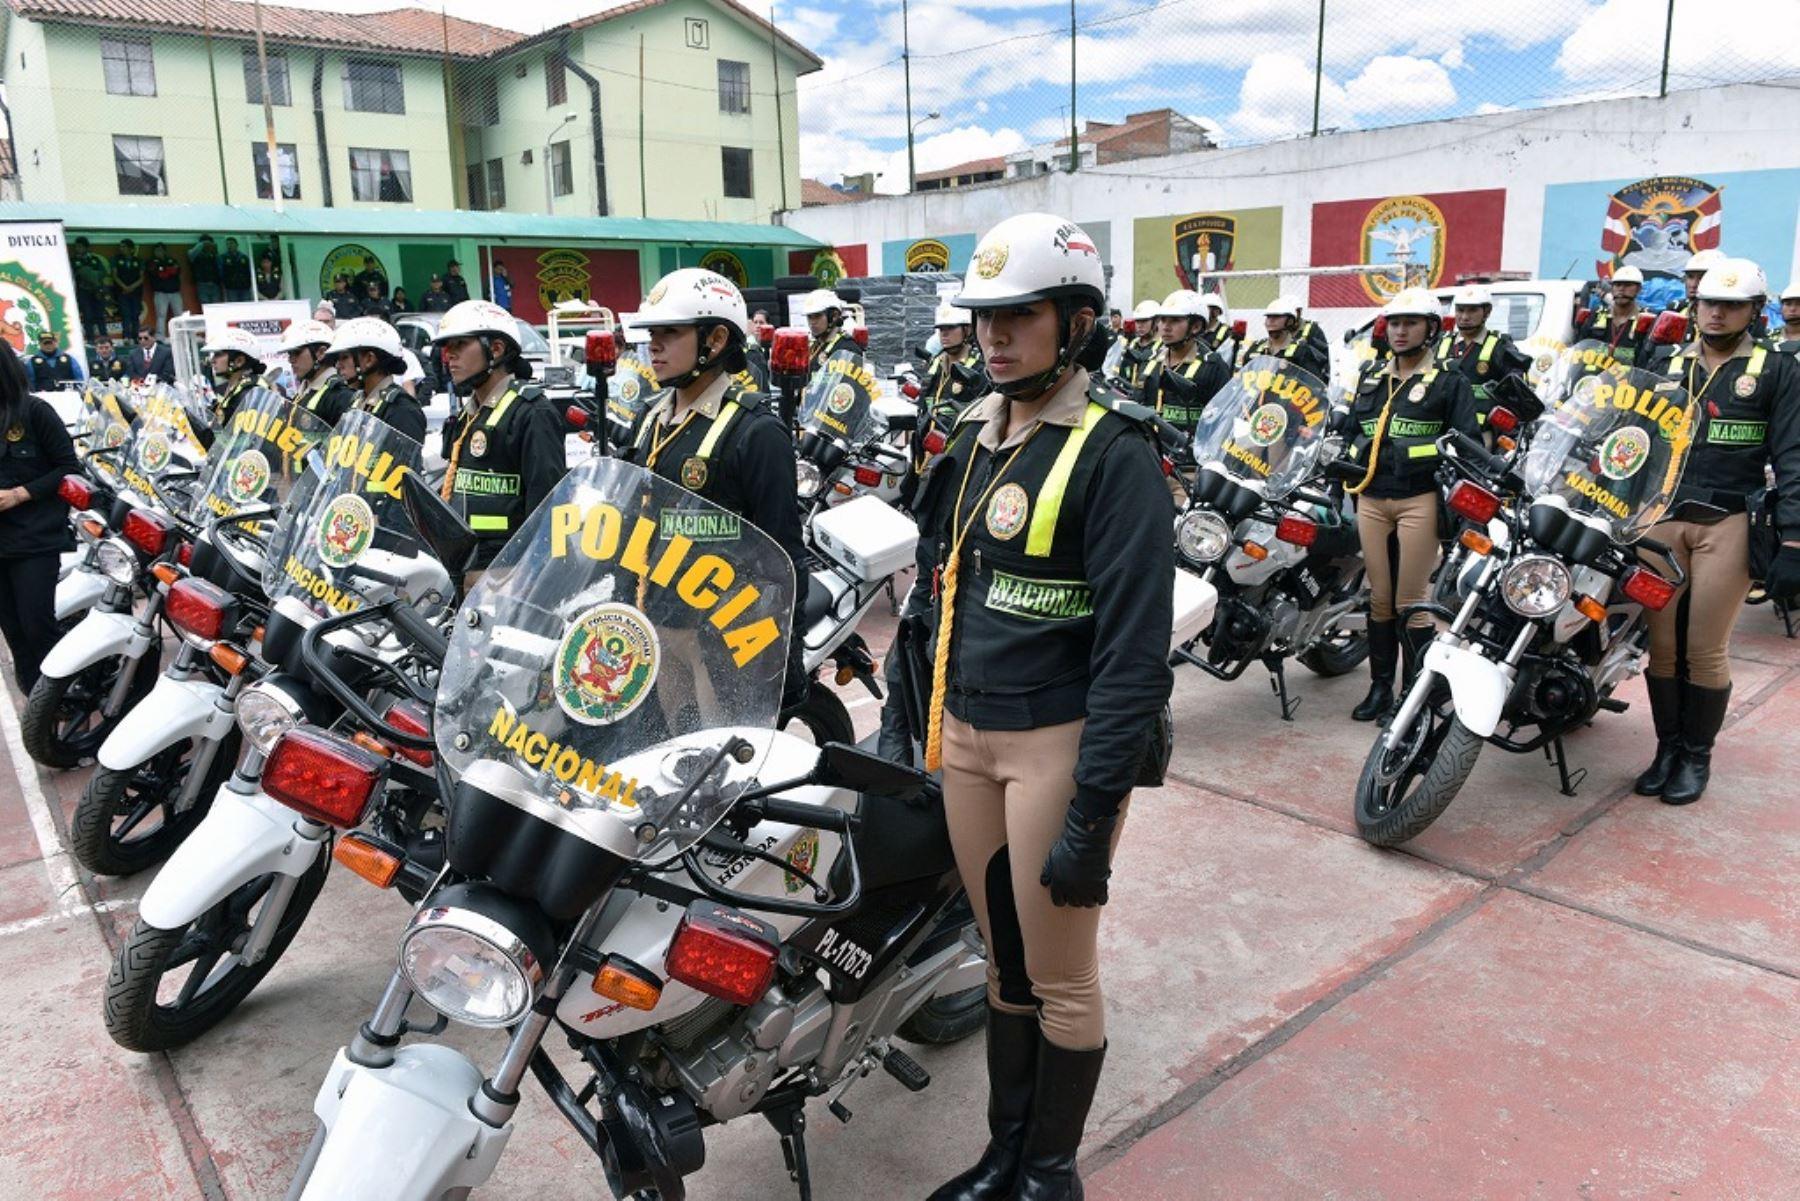 La reforma policial iii lampadia for Ministerio interior y policia